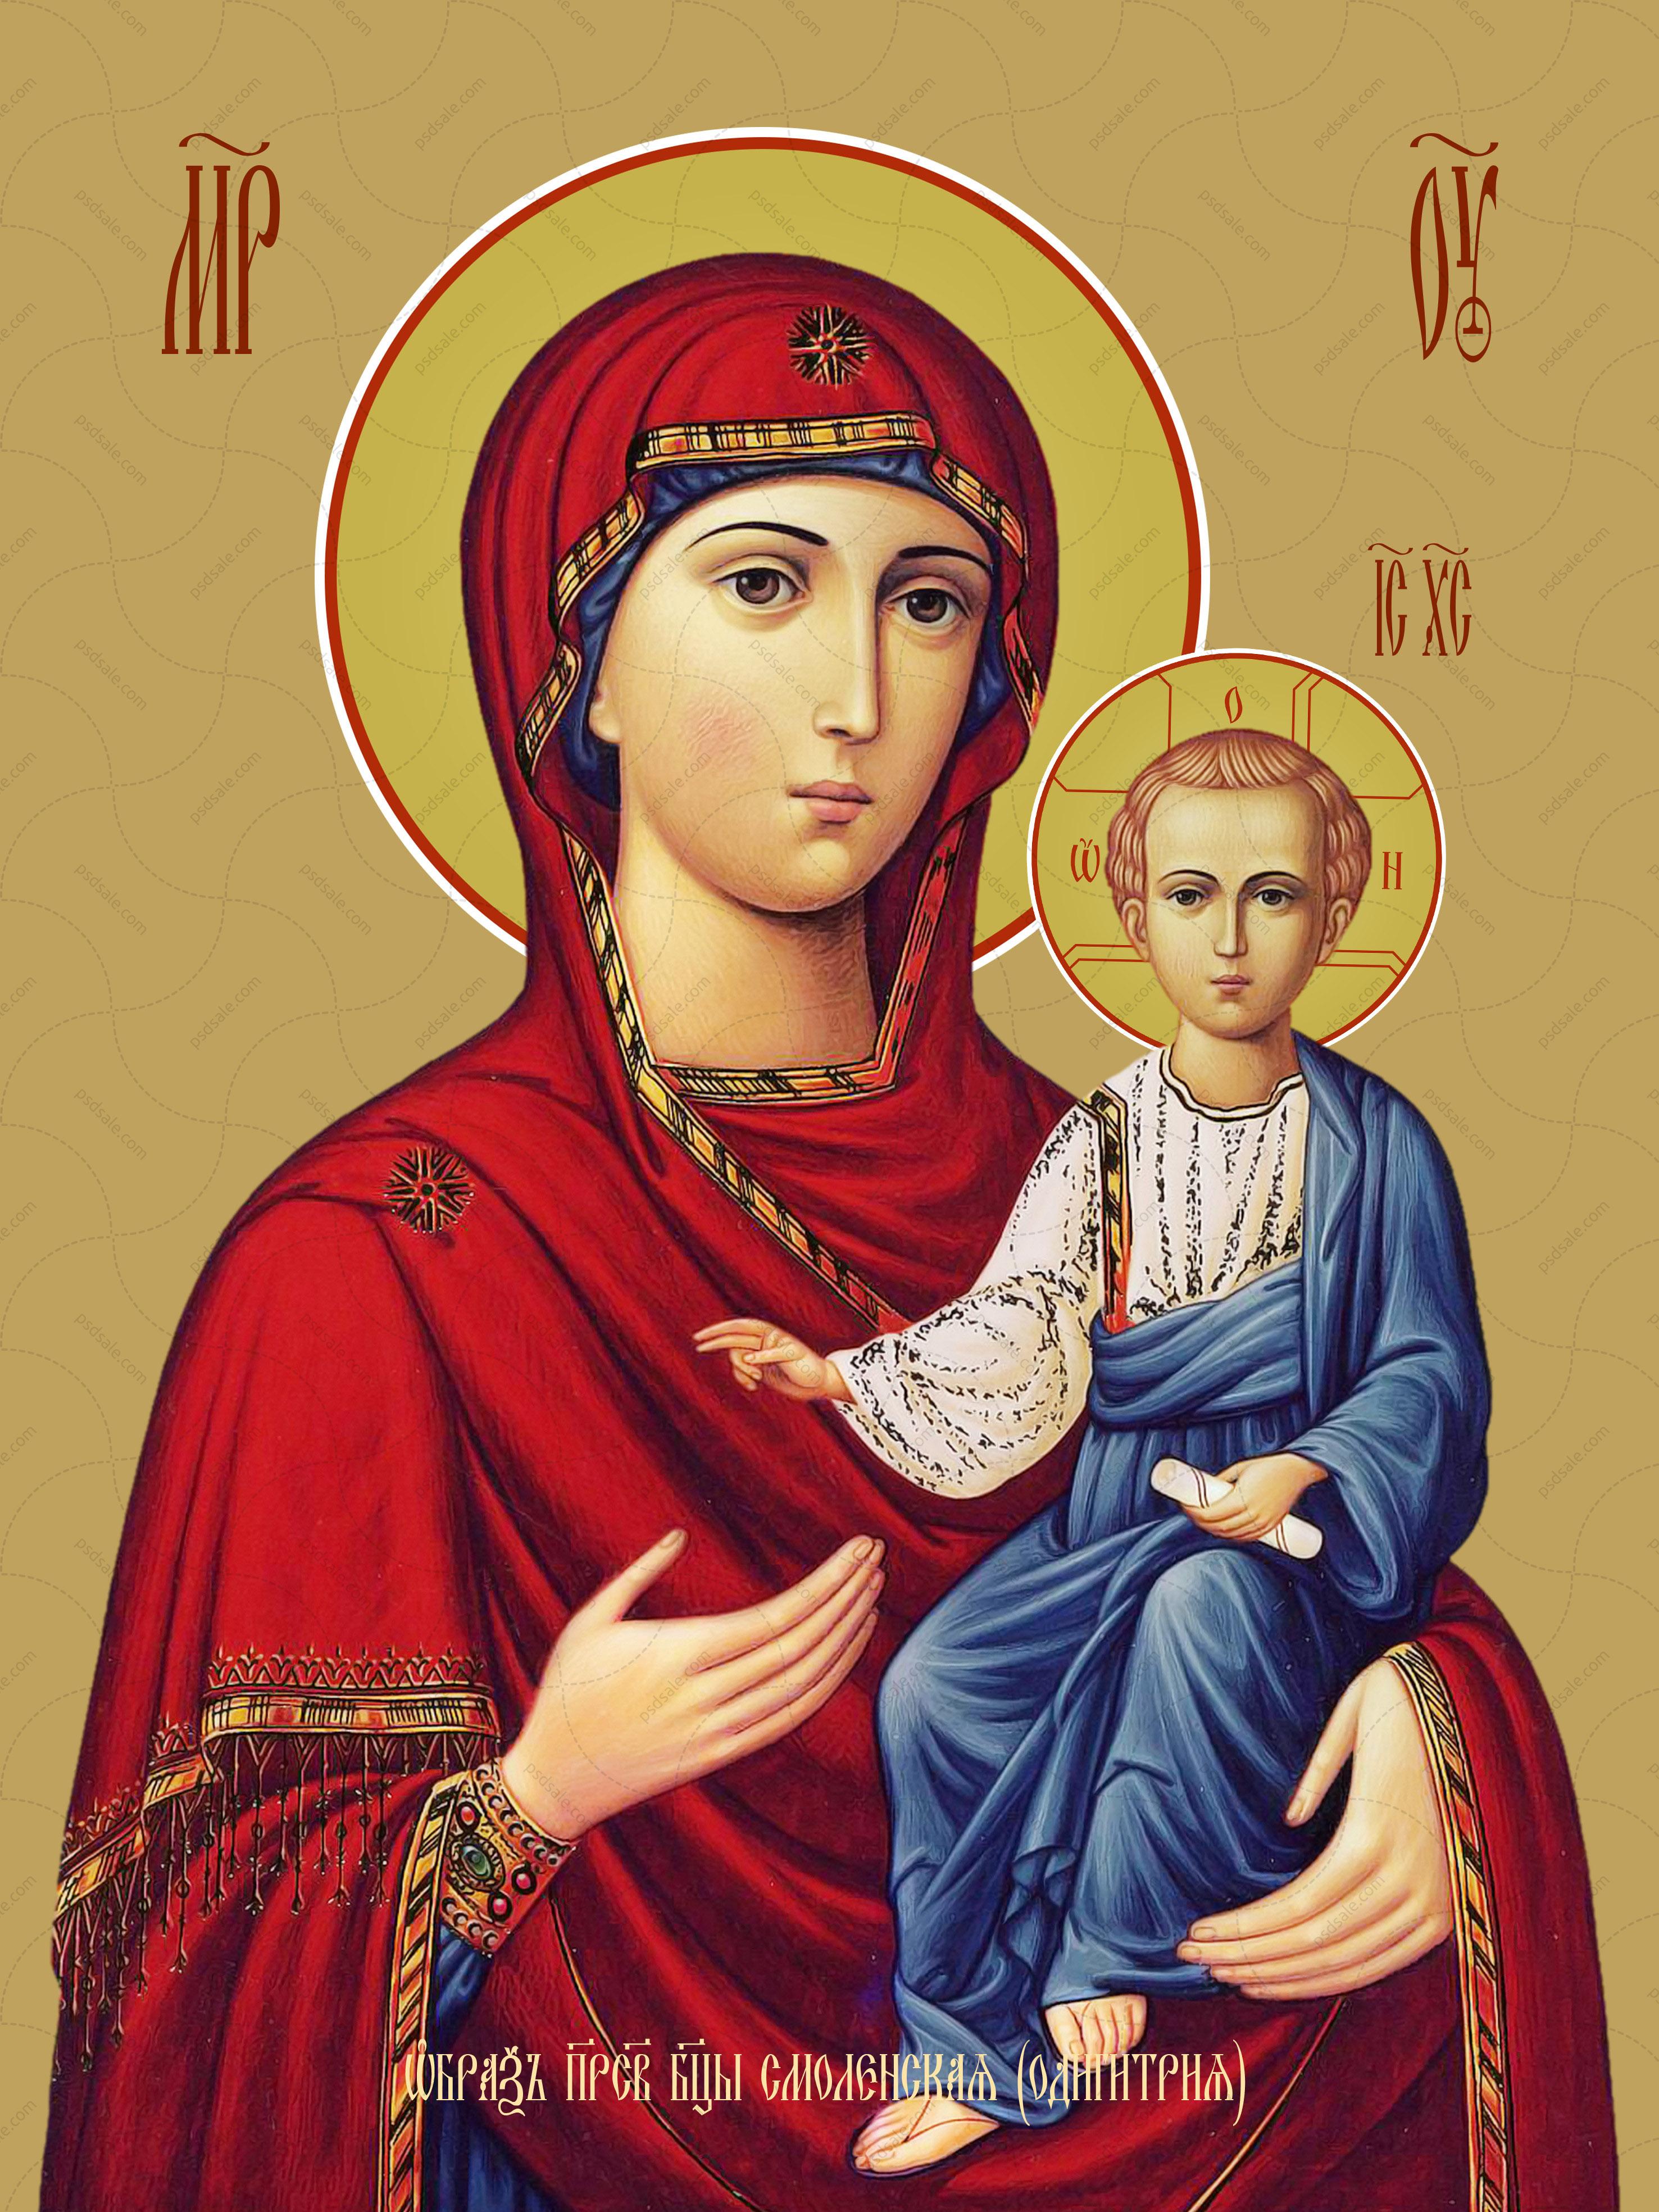 Смоленская икона божьей матери (Одигитрия)